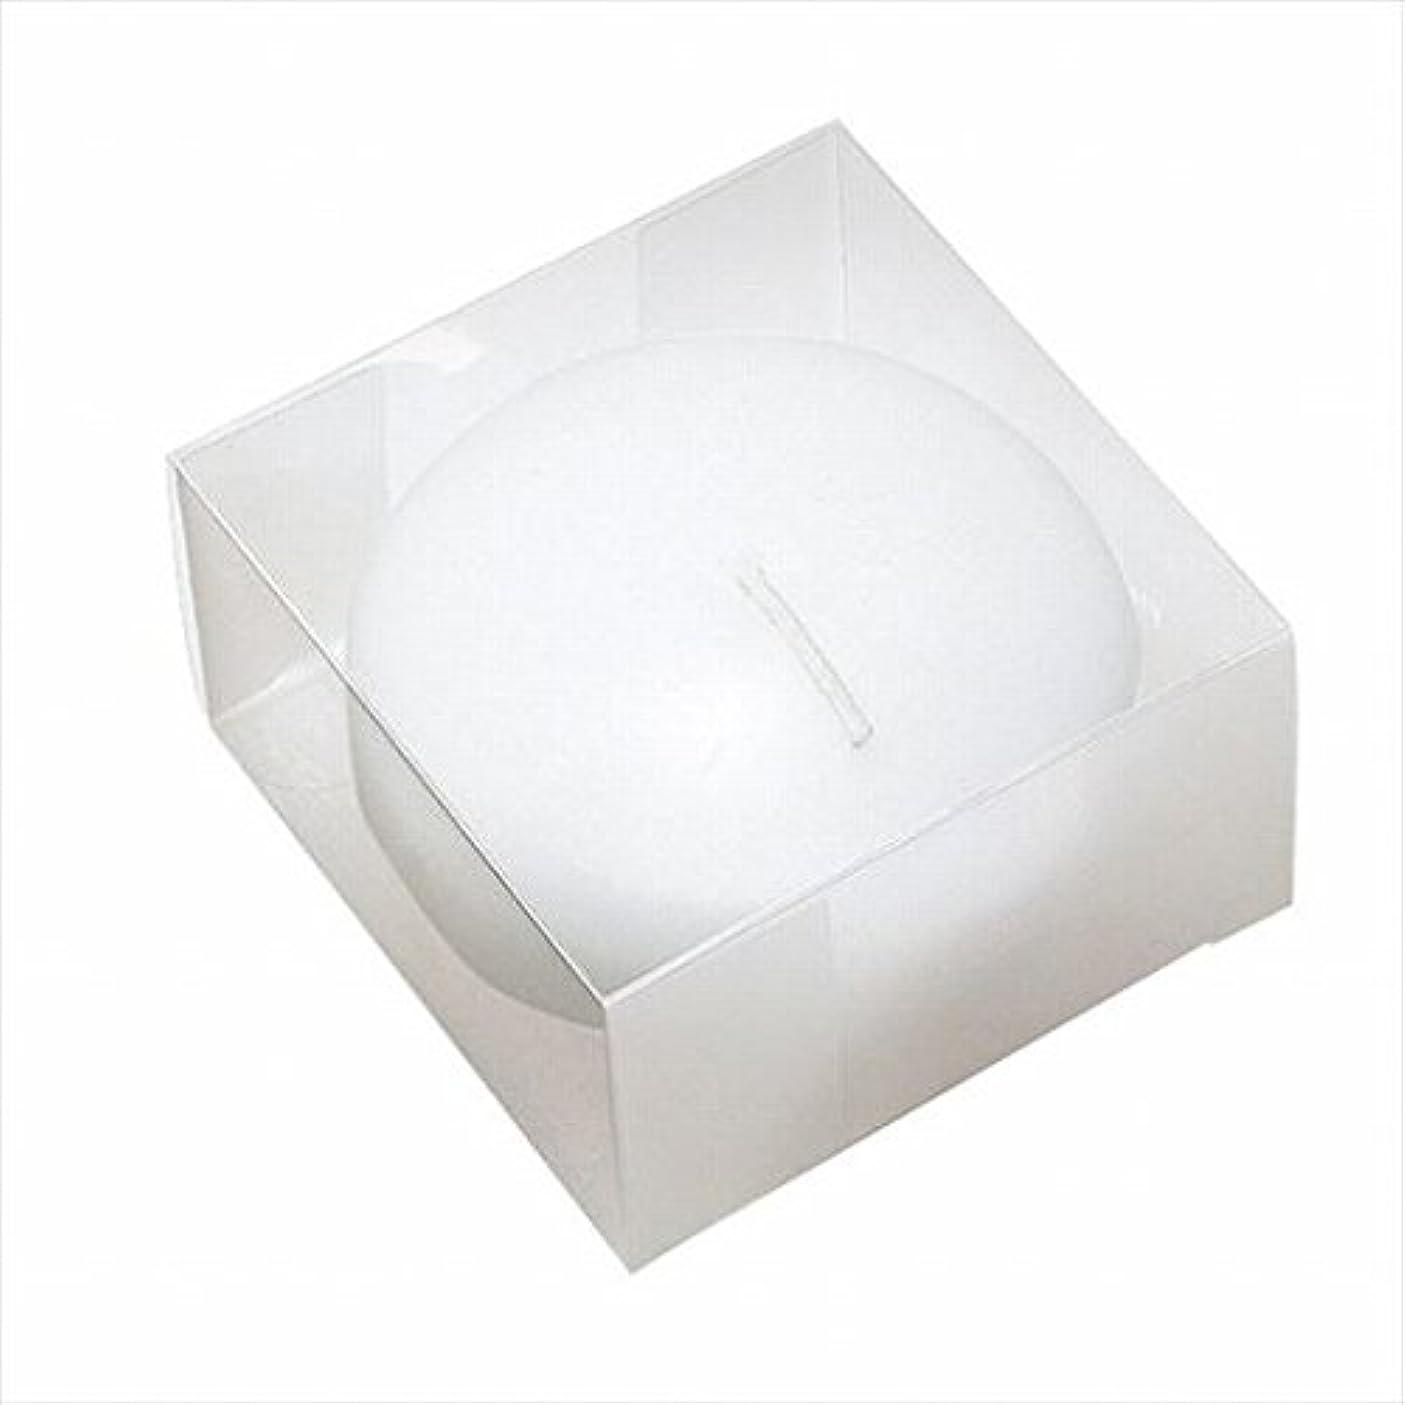 工業化するインタビューアリスカメヤマキャンドル(kameyama candle) プール80(箱入り) 「 ホワイト 」